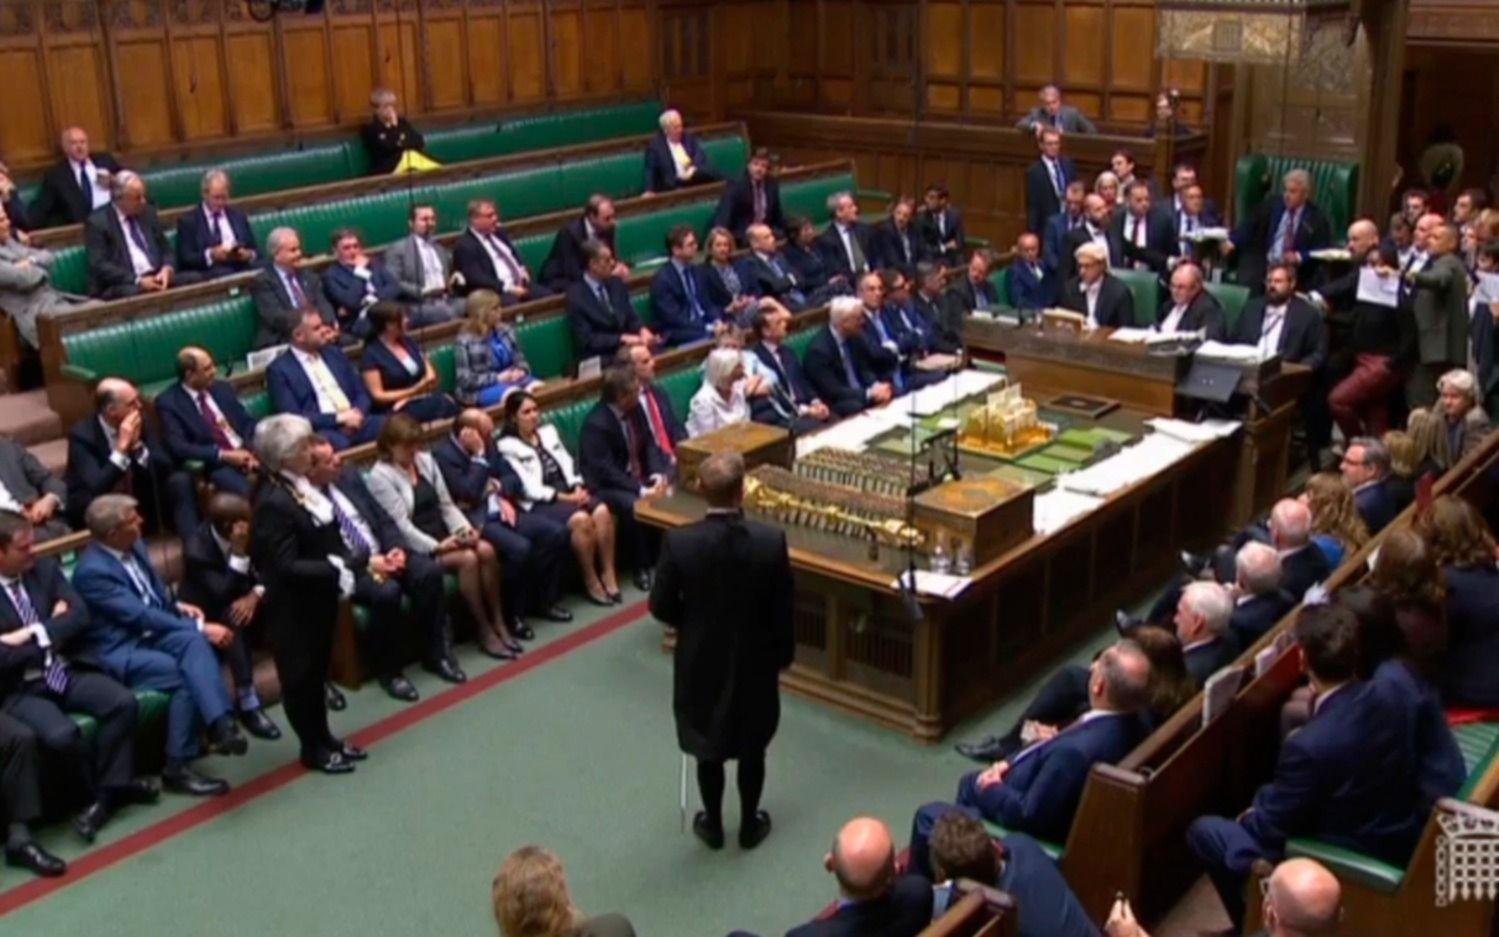 El Parlamento británico suspendió sus actividades hasta el 14 de octubre